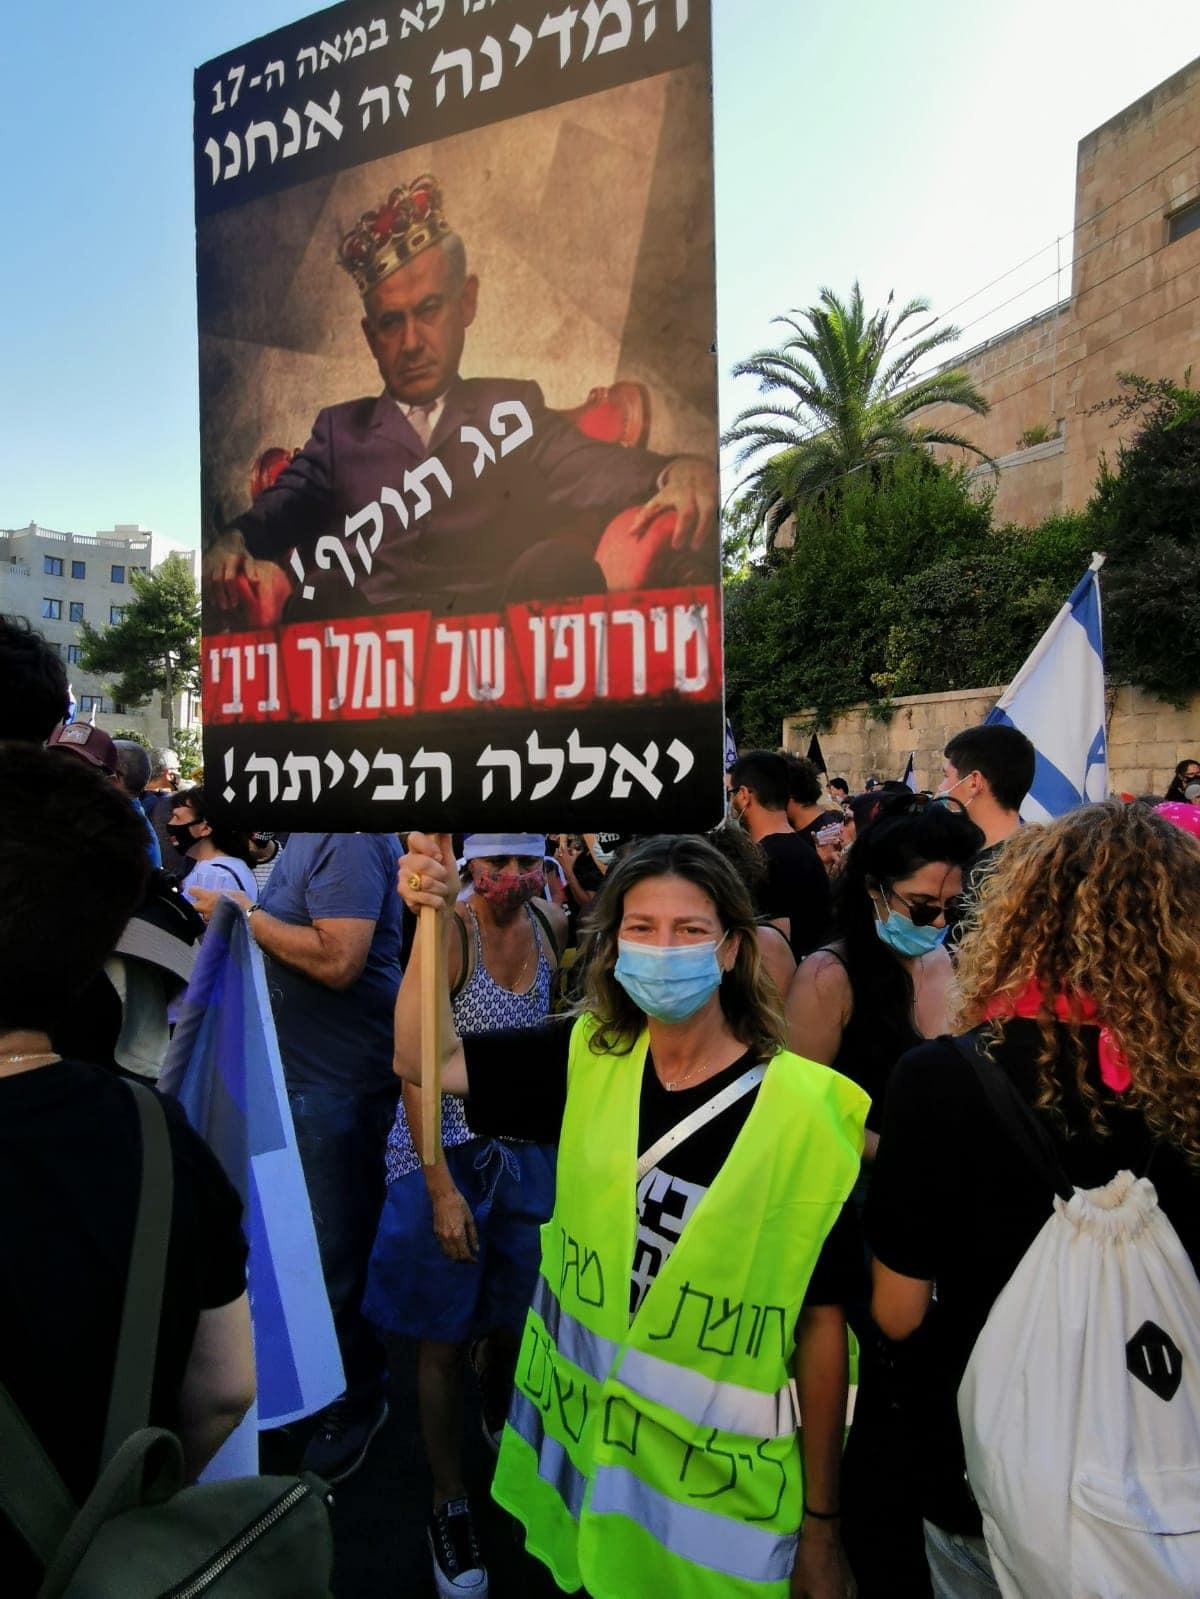 אפרת ספרן מפגינה מול בית ראש הממשלה, אוגוסט 2020